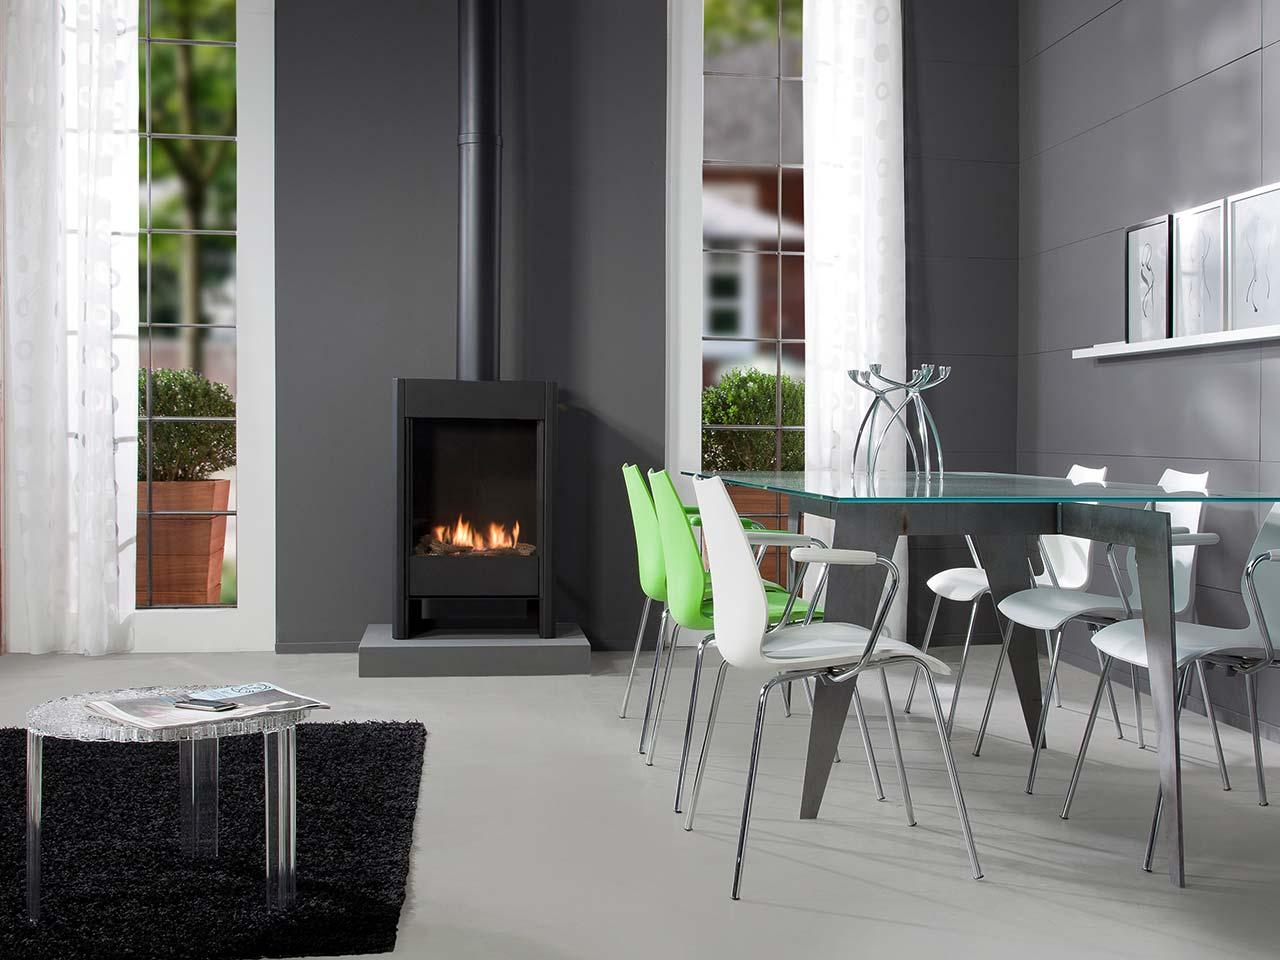 Haber Farum Gaskaminofen in schwarz mit realistischen Holzimitaten sowie sichtbarem Ofenrohr.